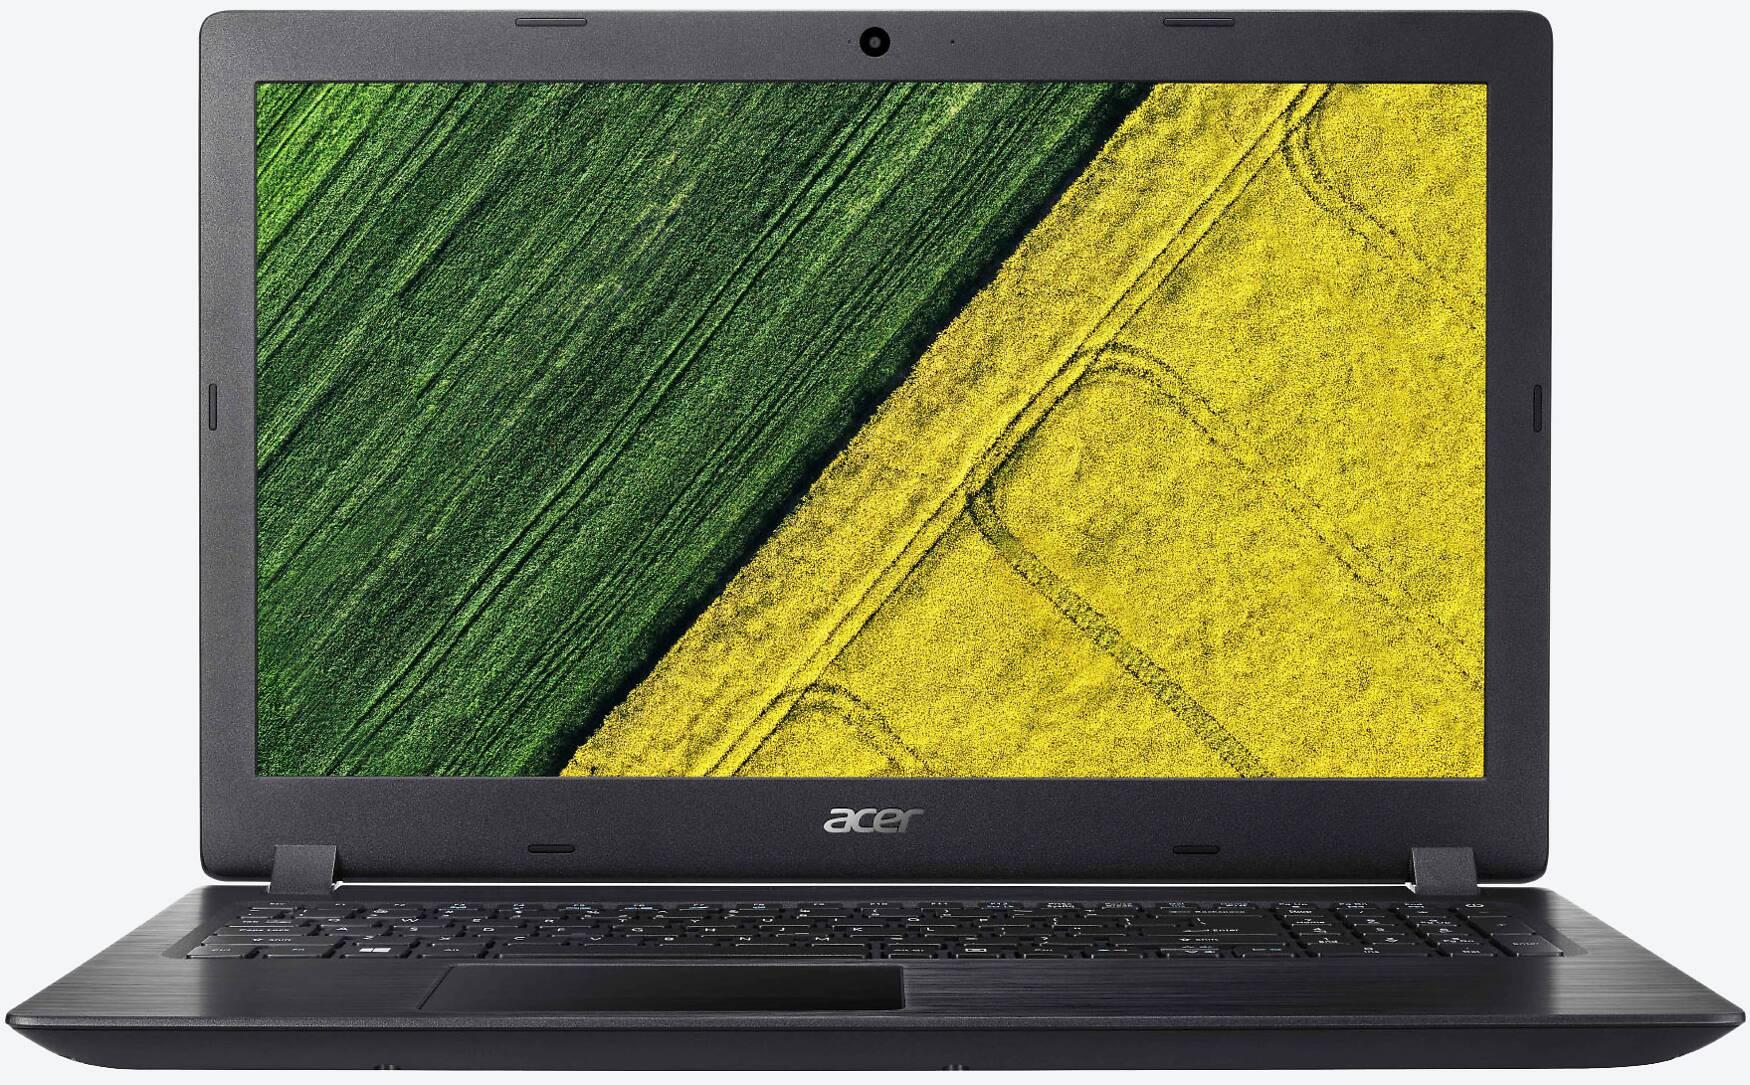 Acer Aspire 3 A317-51G-55QW